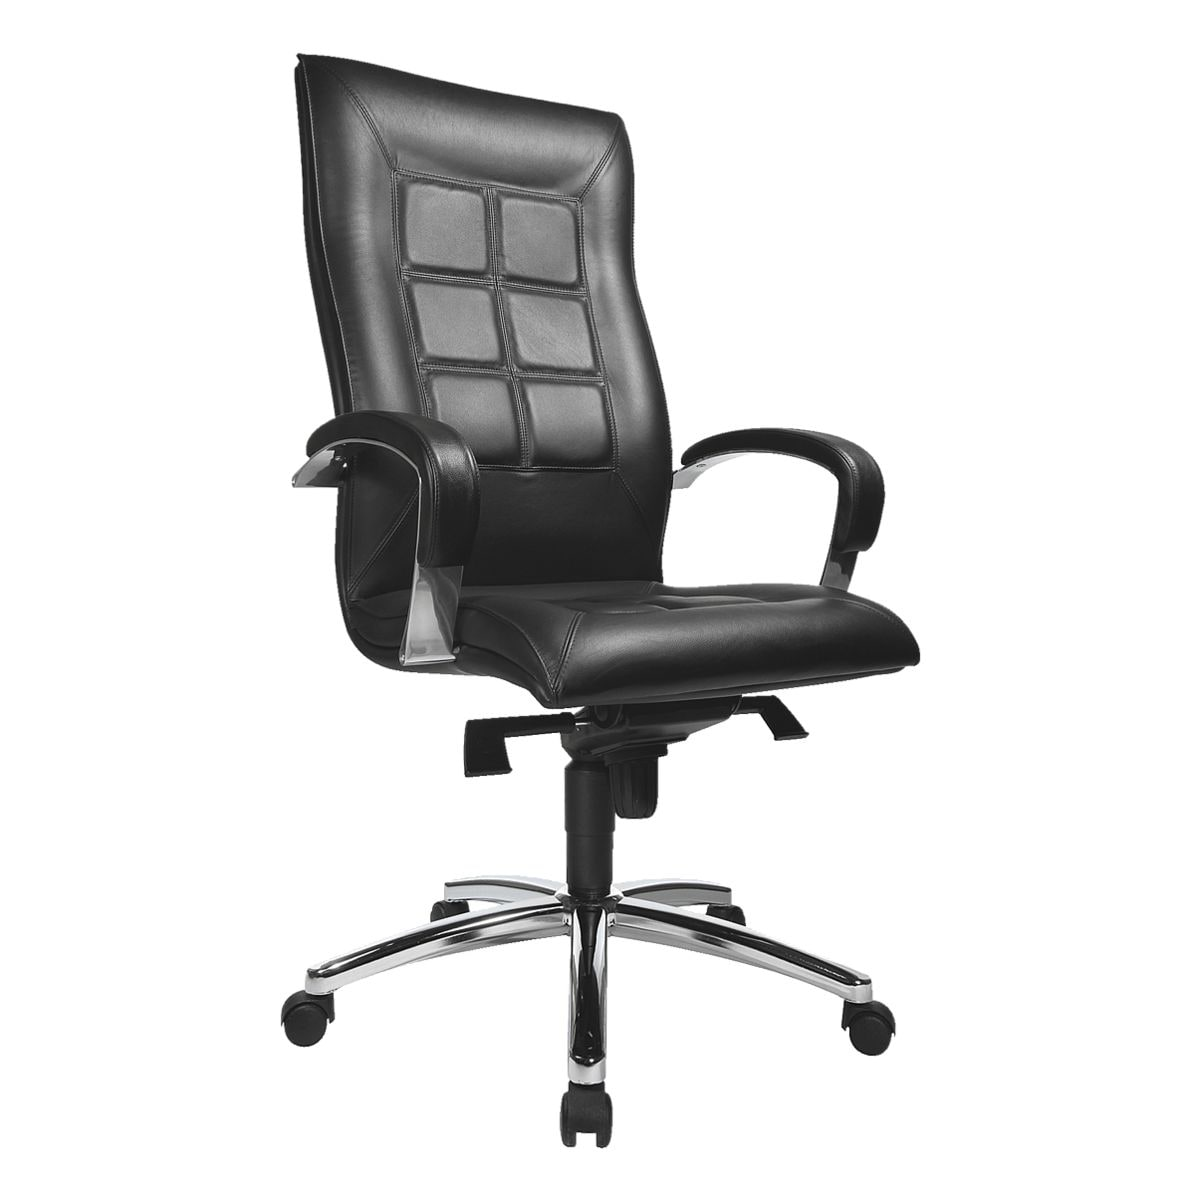 leder chefsessel topstar chairman 45 mit armlehnen bei otto office g nstig kaufen. Black Bedroom Furniture Sets. Home Design Ideas